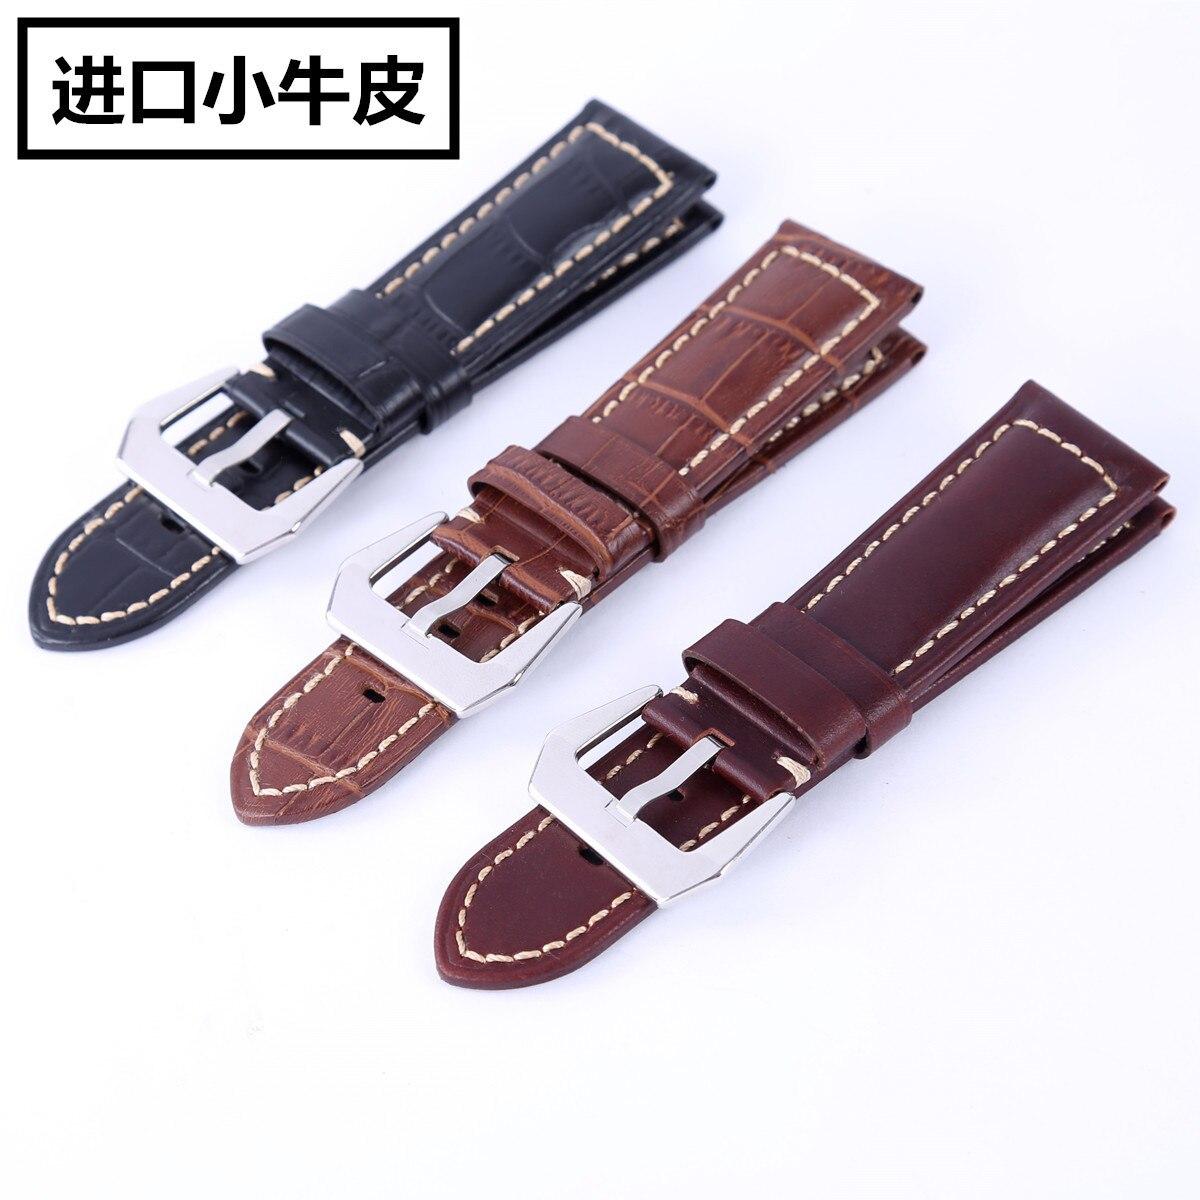 Watch Accessories Men Universal Platform Watch Strap Thick Watch Band Import Calf-skin Watchband Waterproof Watch Strap